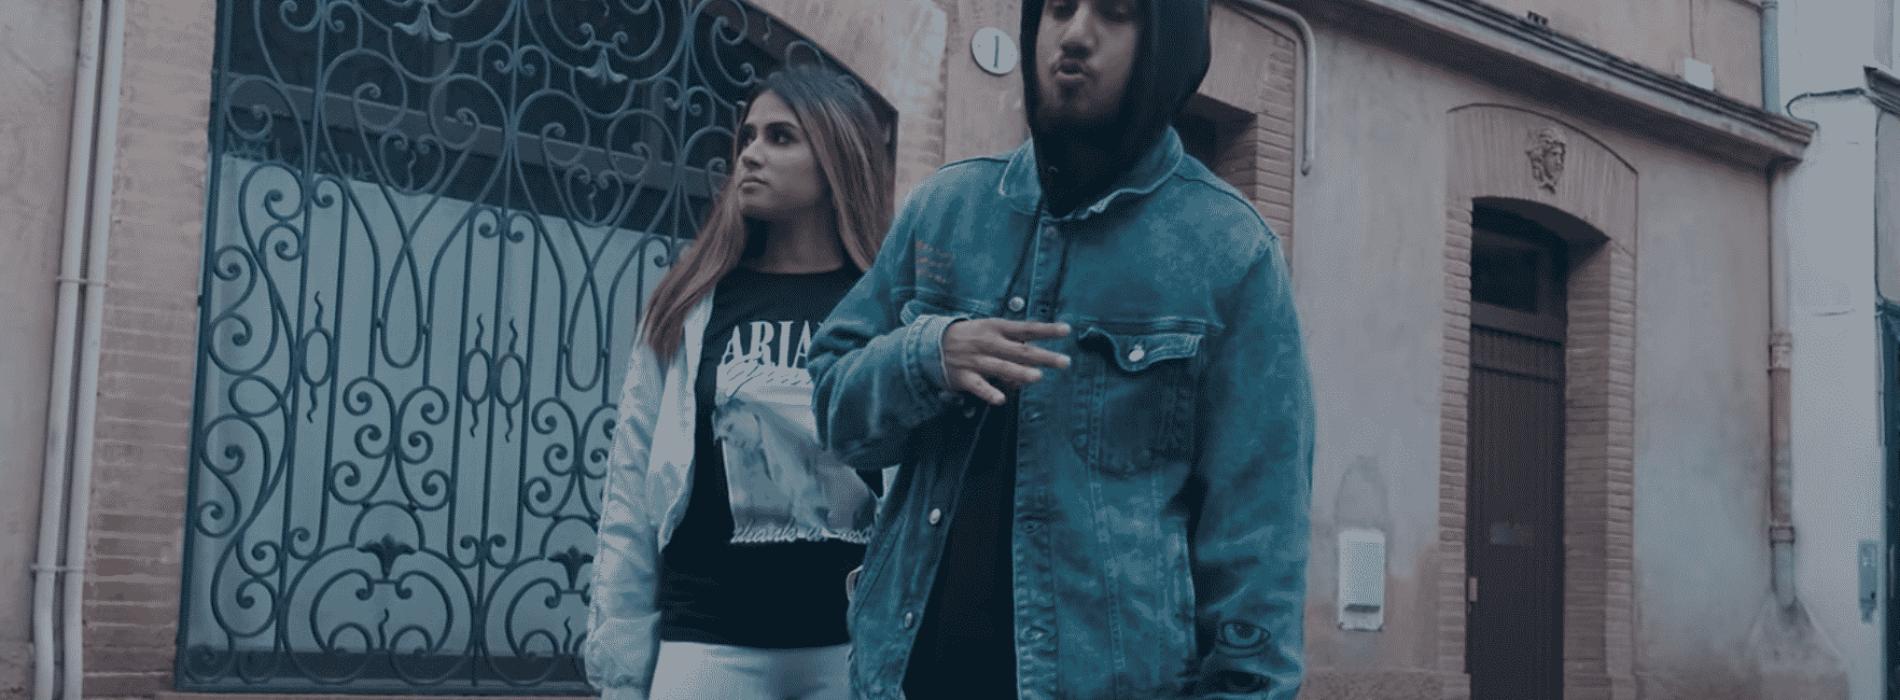 Guimzy – Bang Part.2 (prod by El Laco) – Janvier 2021